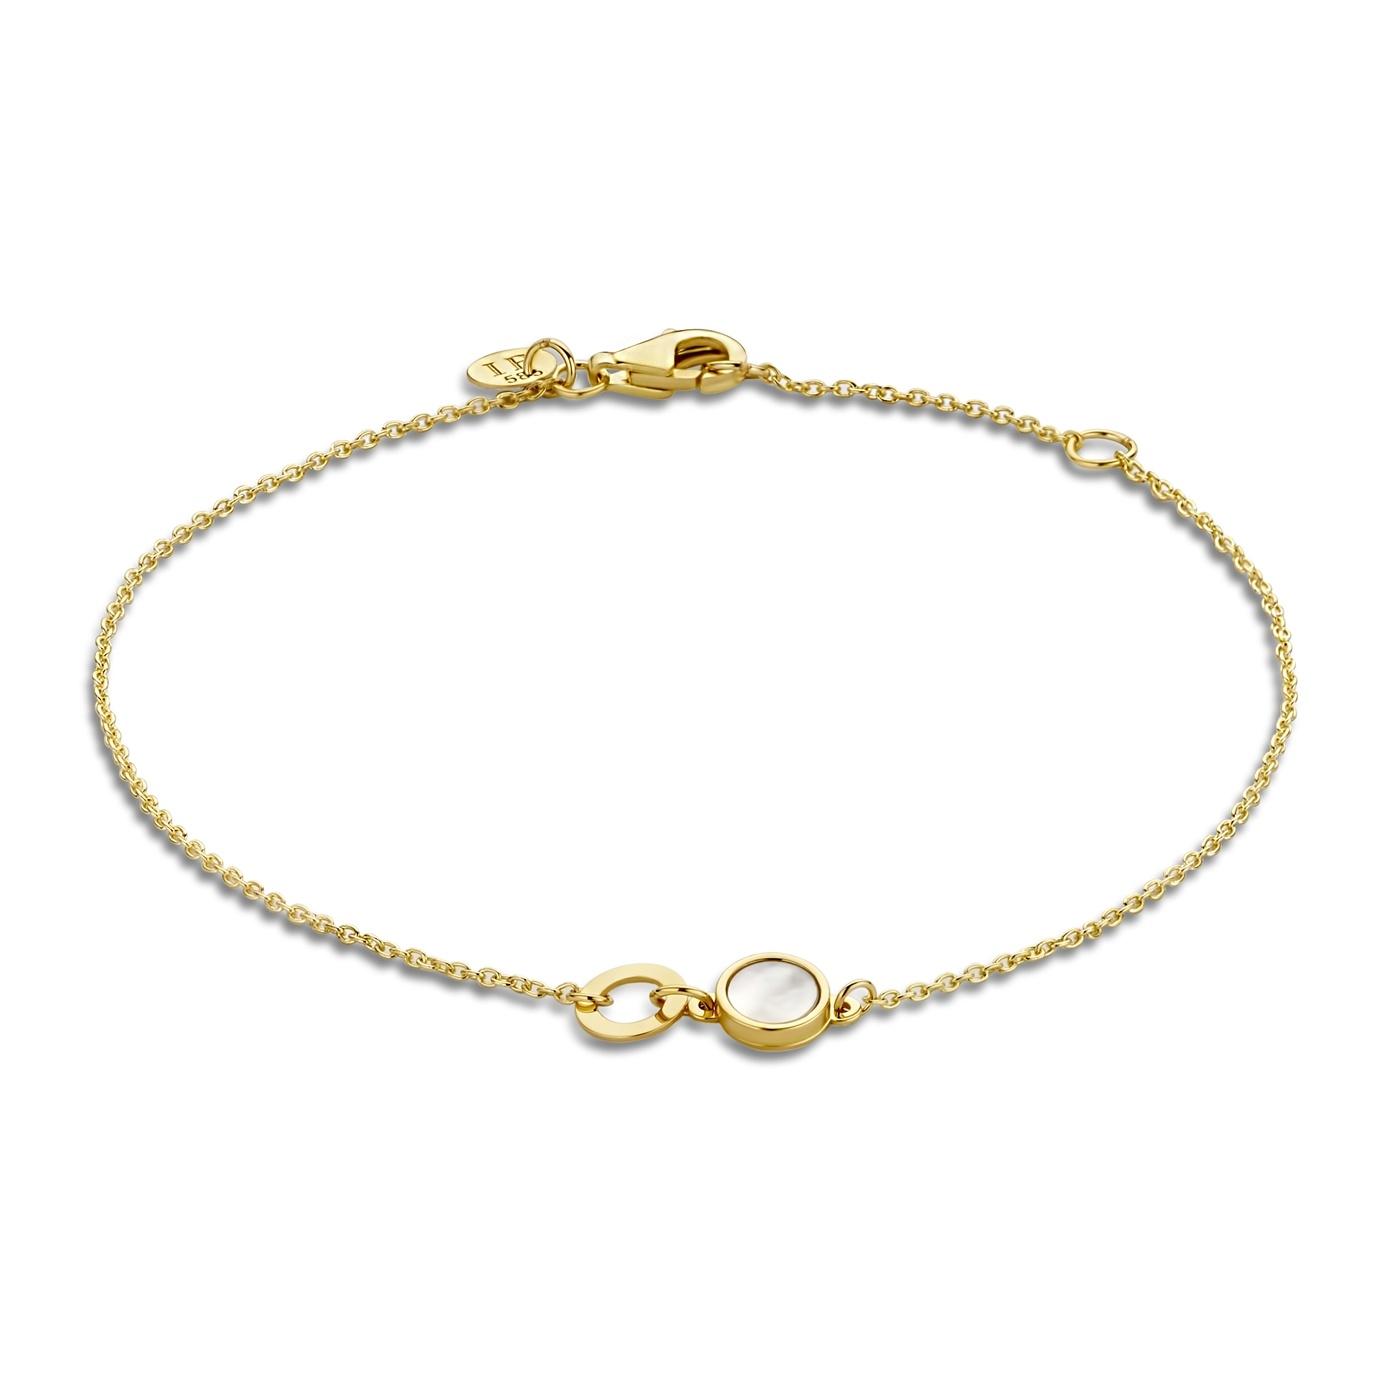 Isabel Bernard Belleville Luna 14 karaat gouden armband met zoetwaterparel